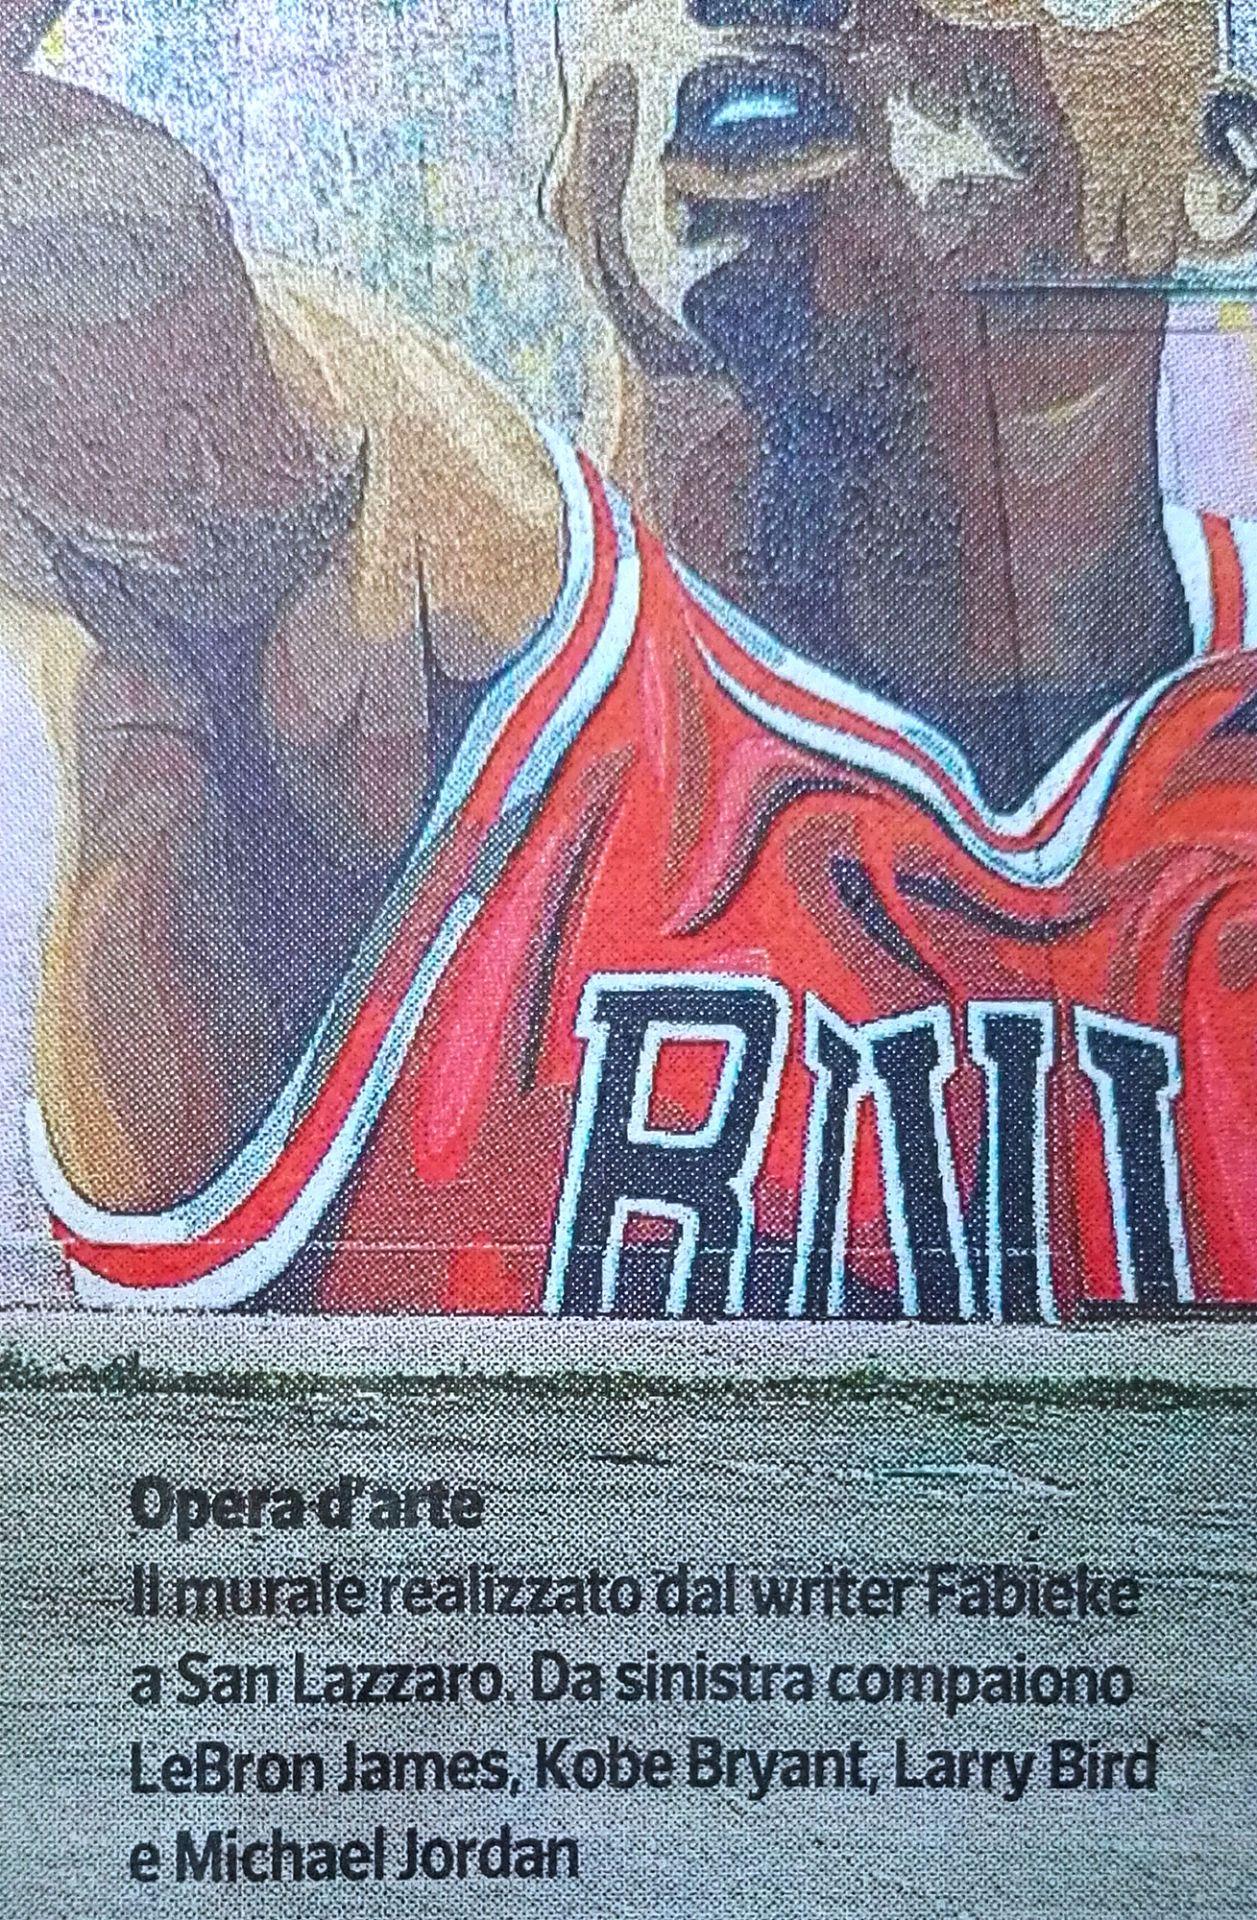 Corriere di Bologna - Newspaper